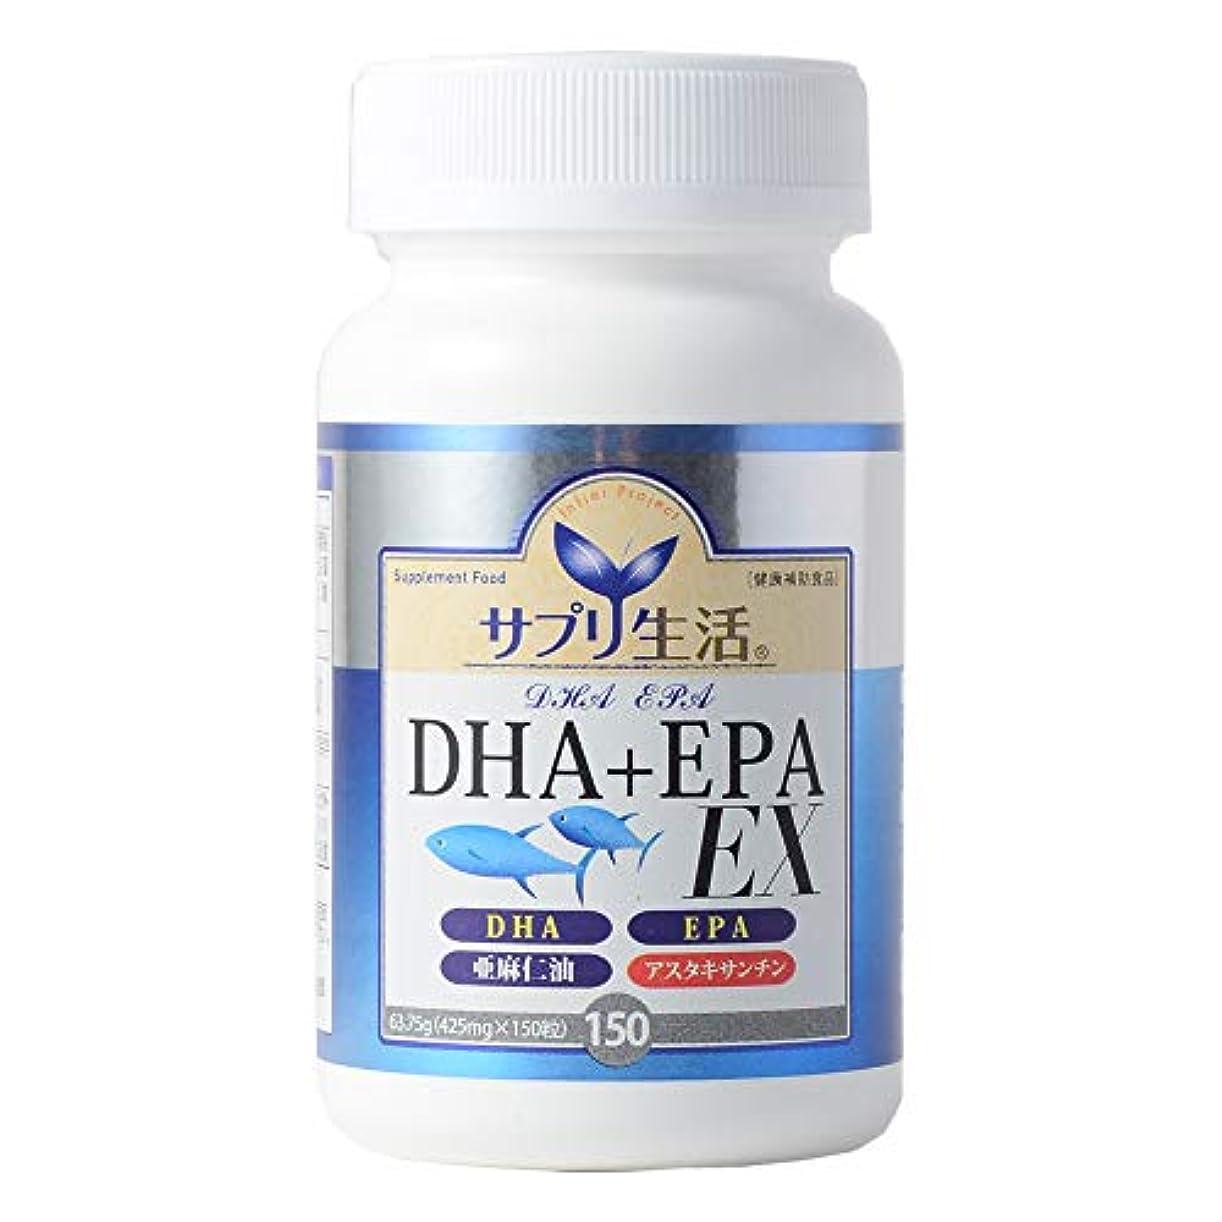 ラフト最悪変更可能サプリ生活 DHA+EPA EX